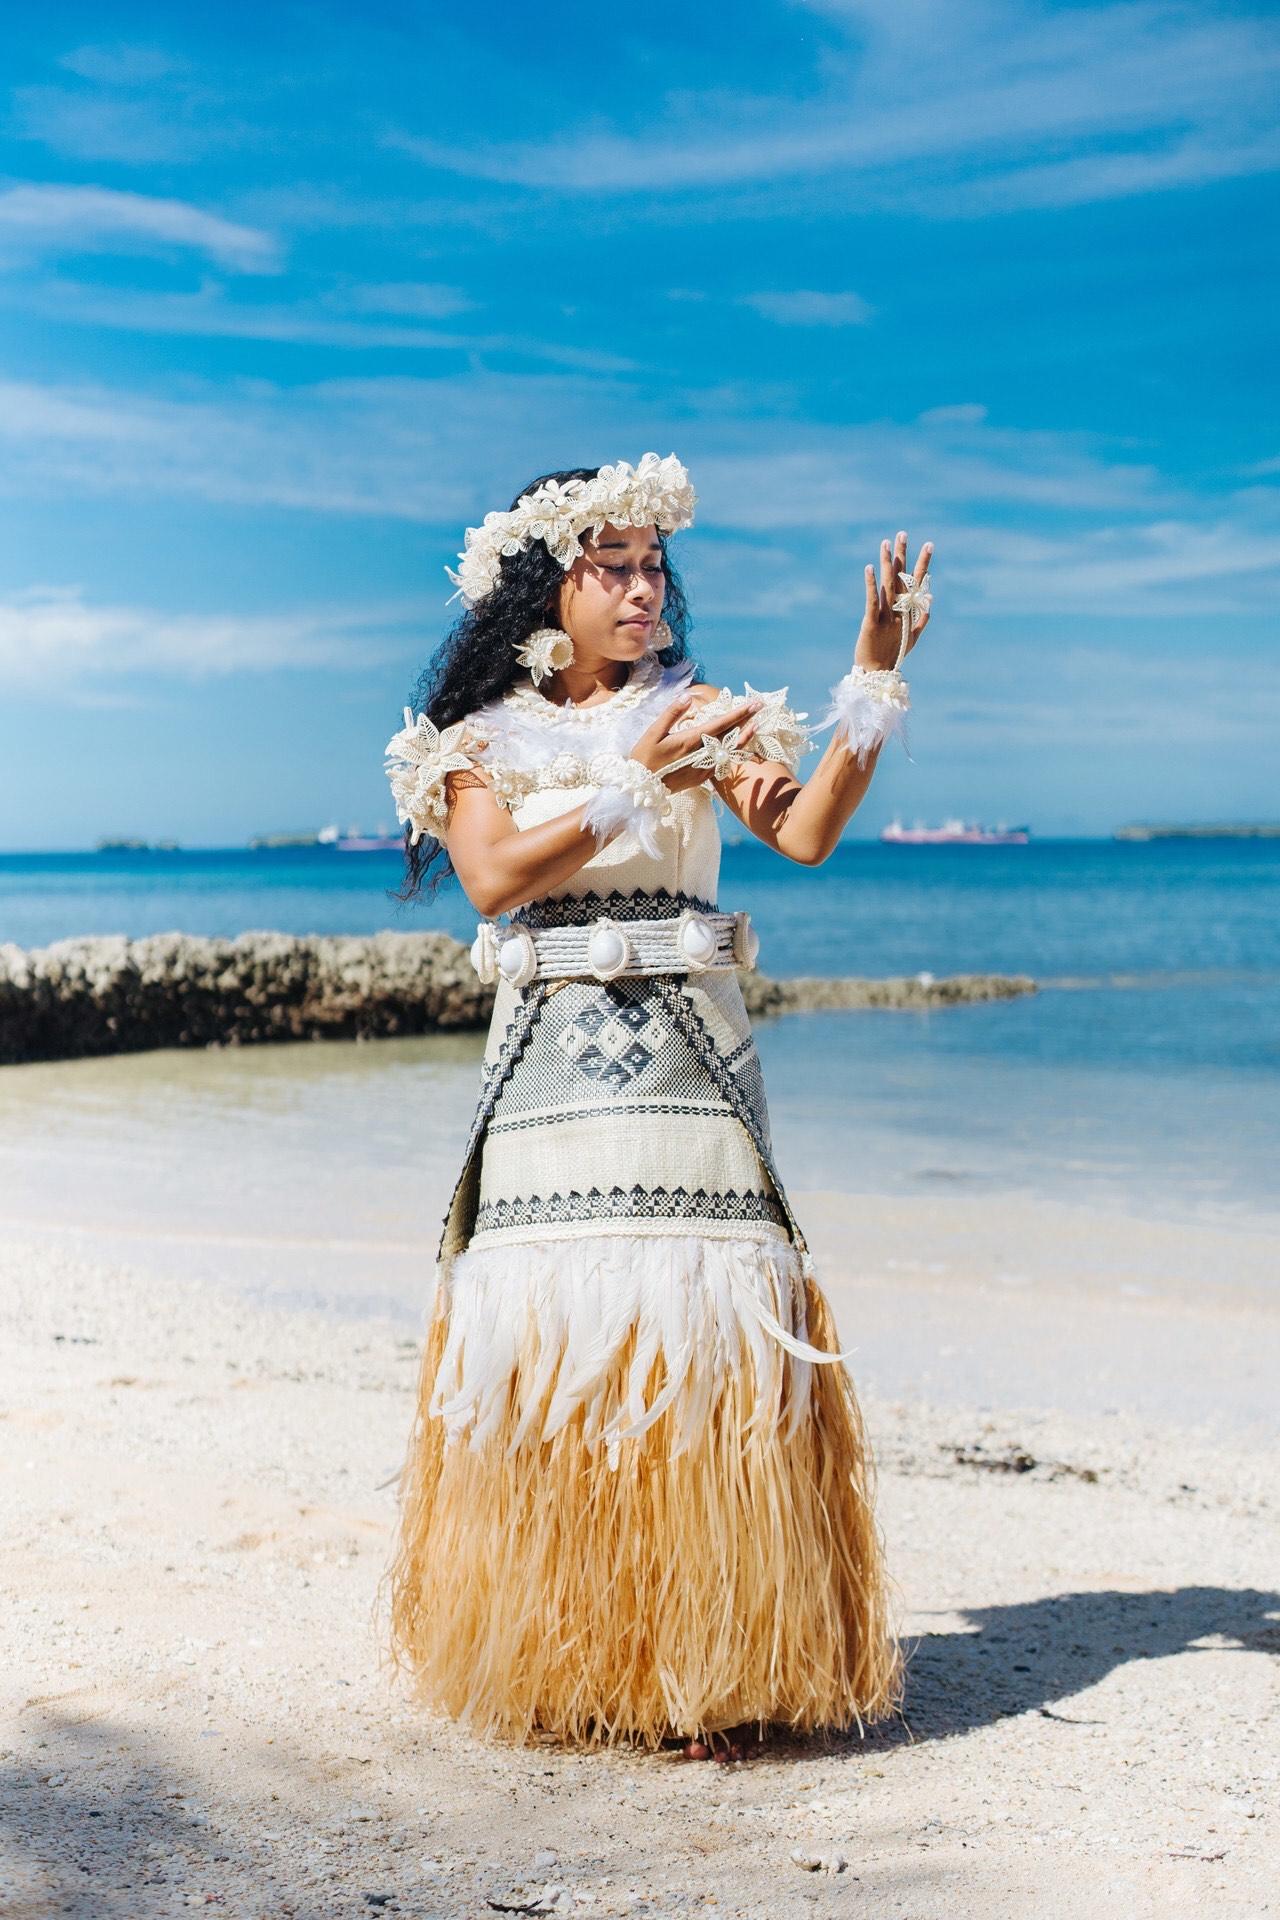 4馬國首屆馬紹爾小姐BillmaPeter及馬國傳統服飾.jpeg